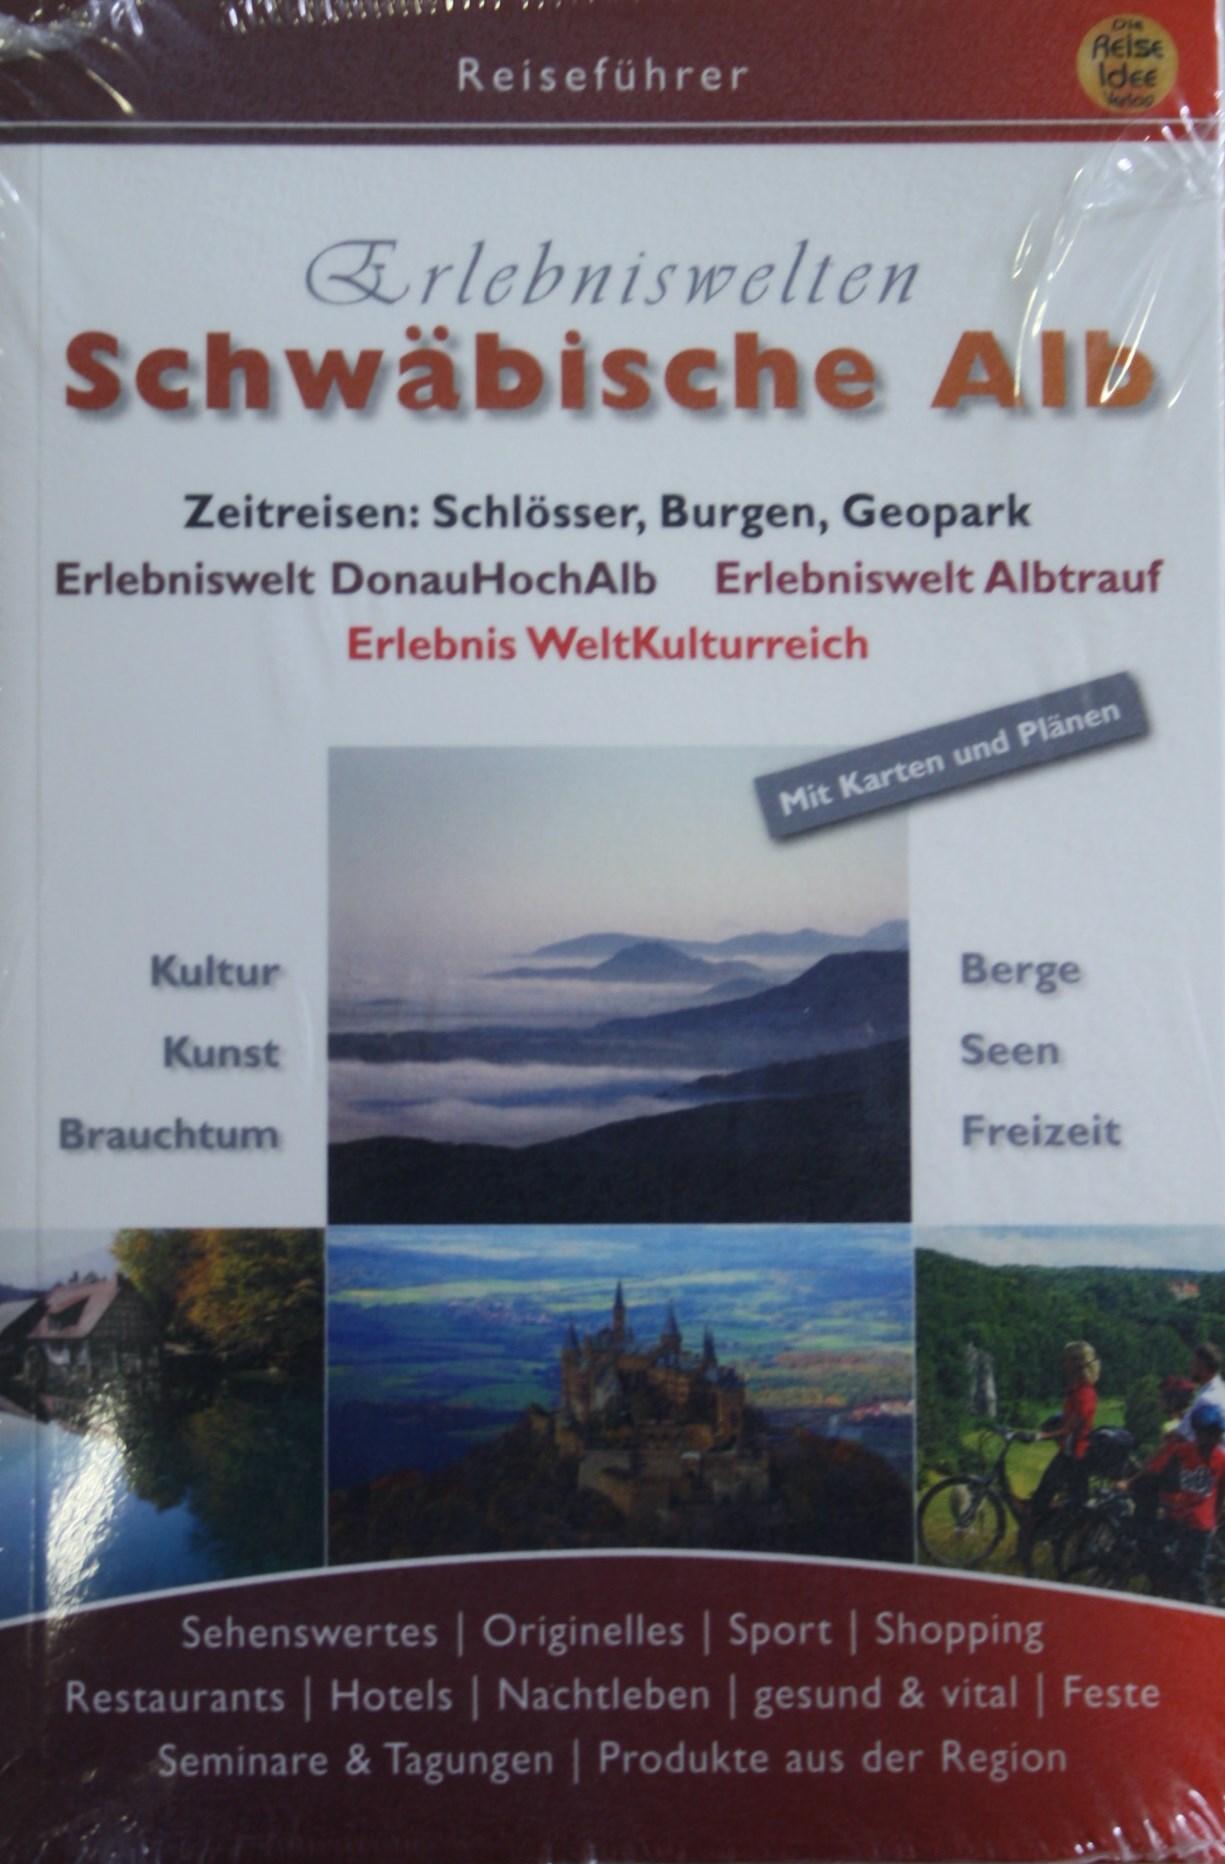 Reiseführer: Erlebniswelten Schwäbische Alb